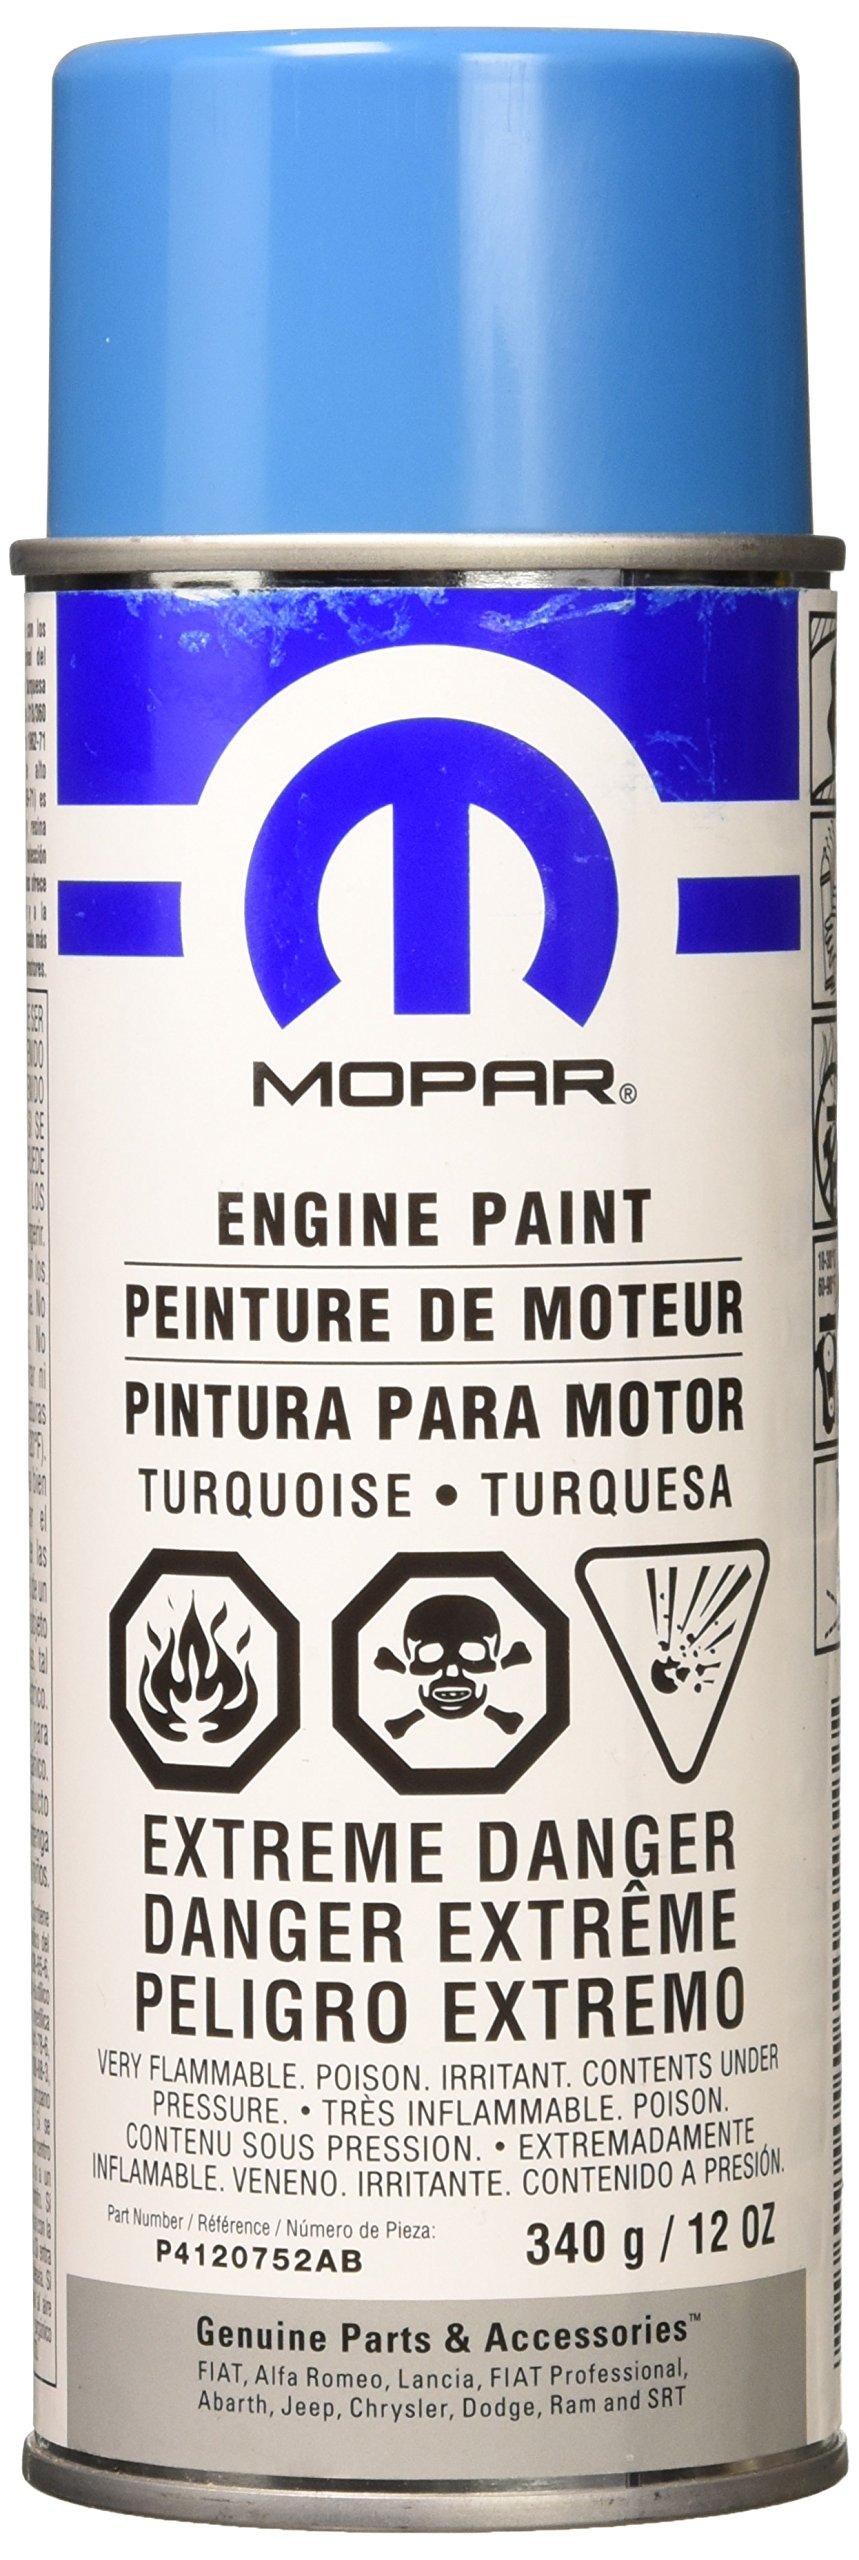 Mopar P4120752AB Engine Paint